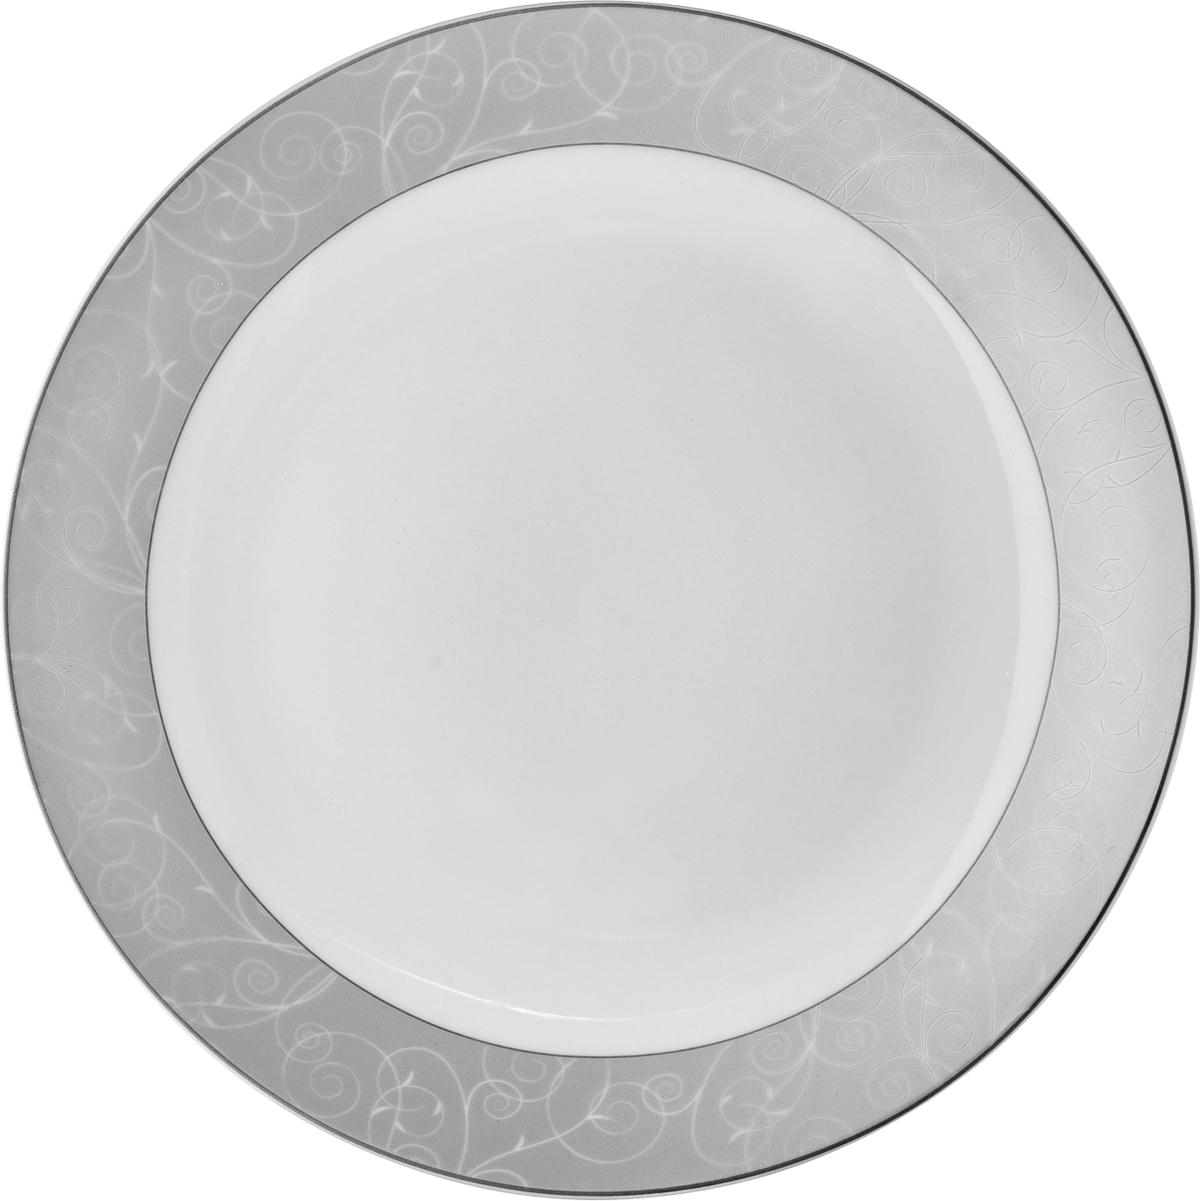 Набор обеденных тарелок Esprado Florestina, цвет: белый, серый, диаметр 23,5 см, 6 шт. FLO023SE301